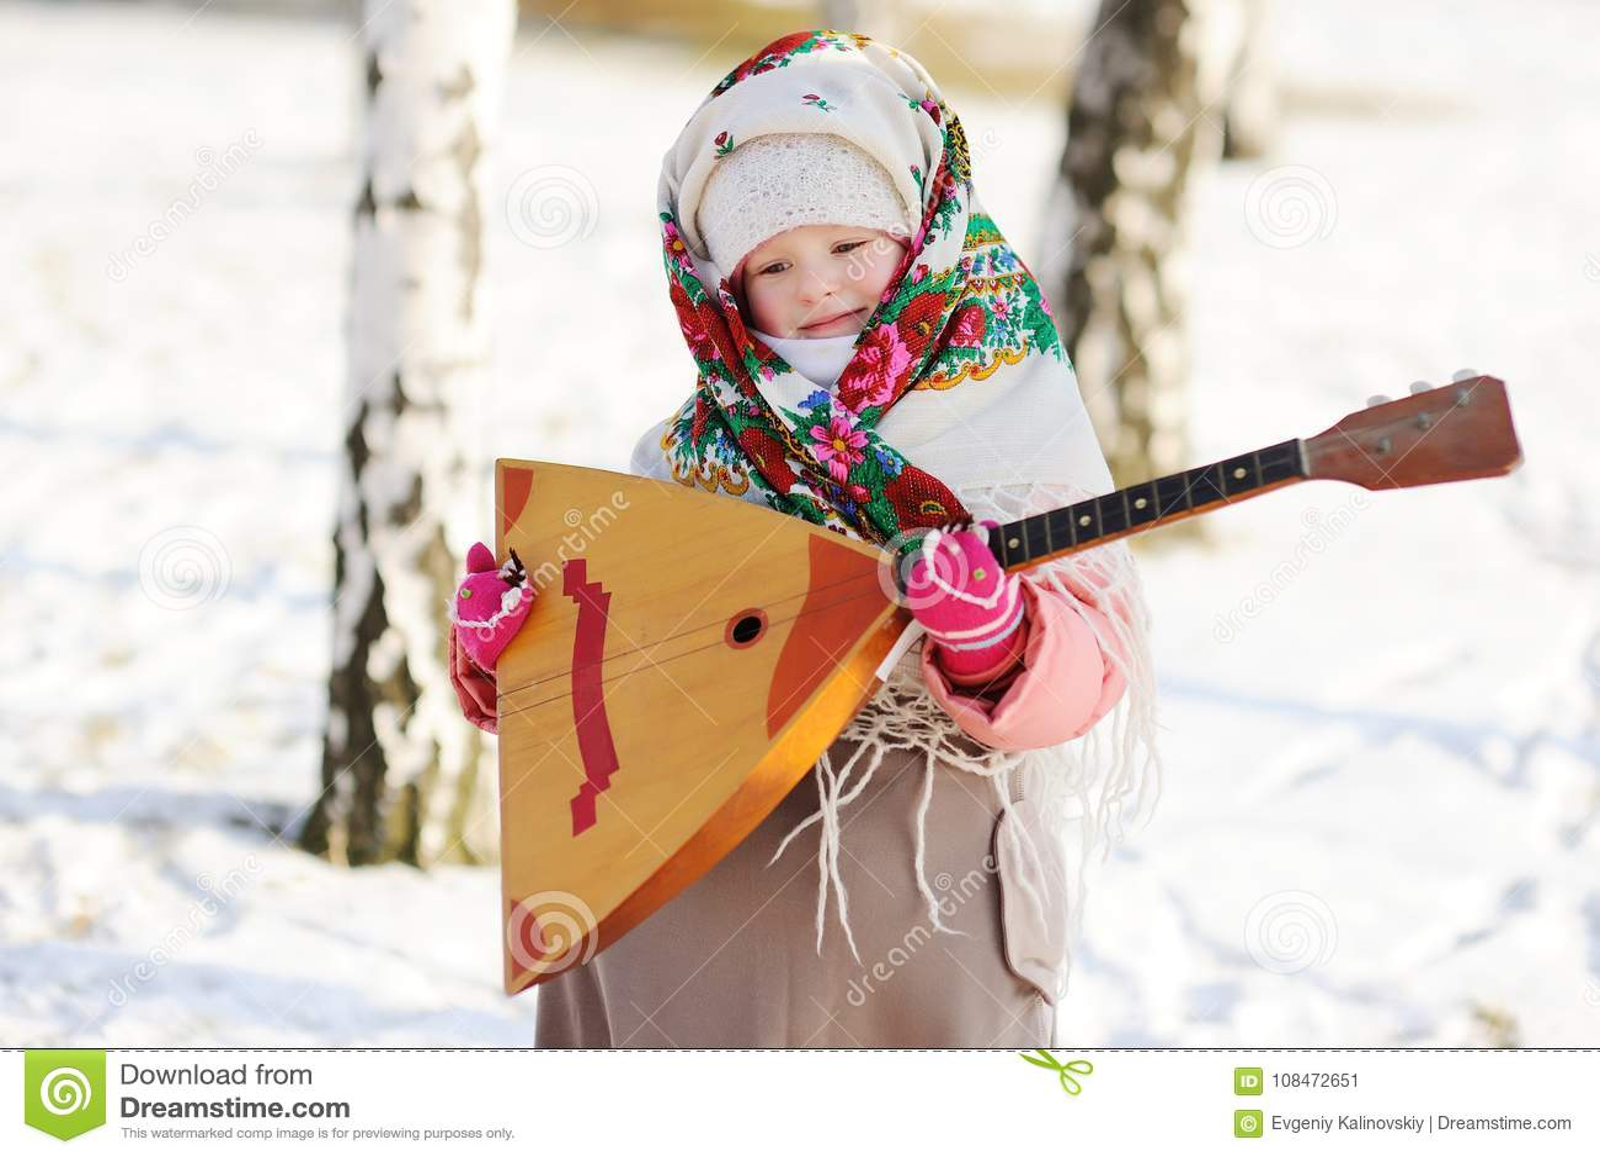 Девушка ребенка в меховой шыбе и шарфе в русском с балалайкой